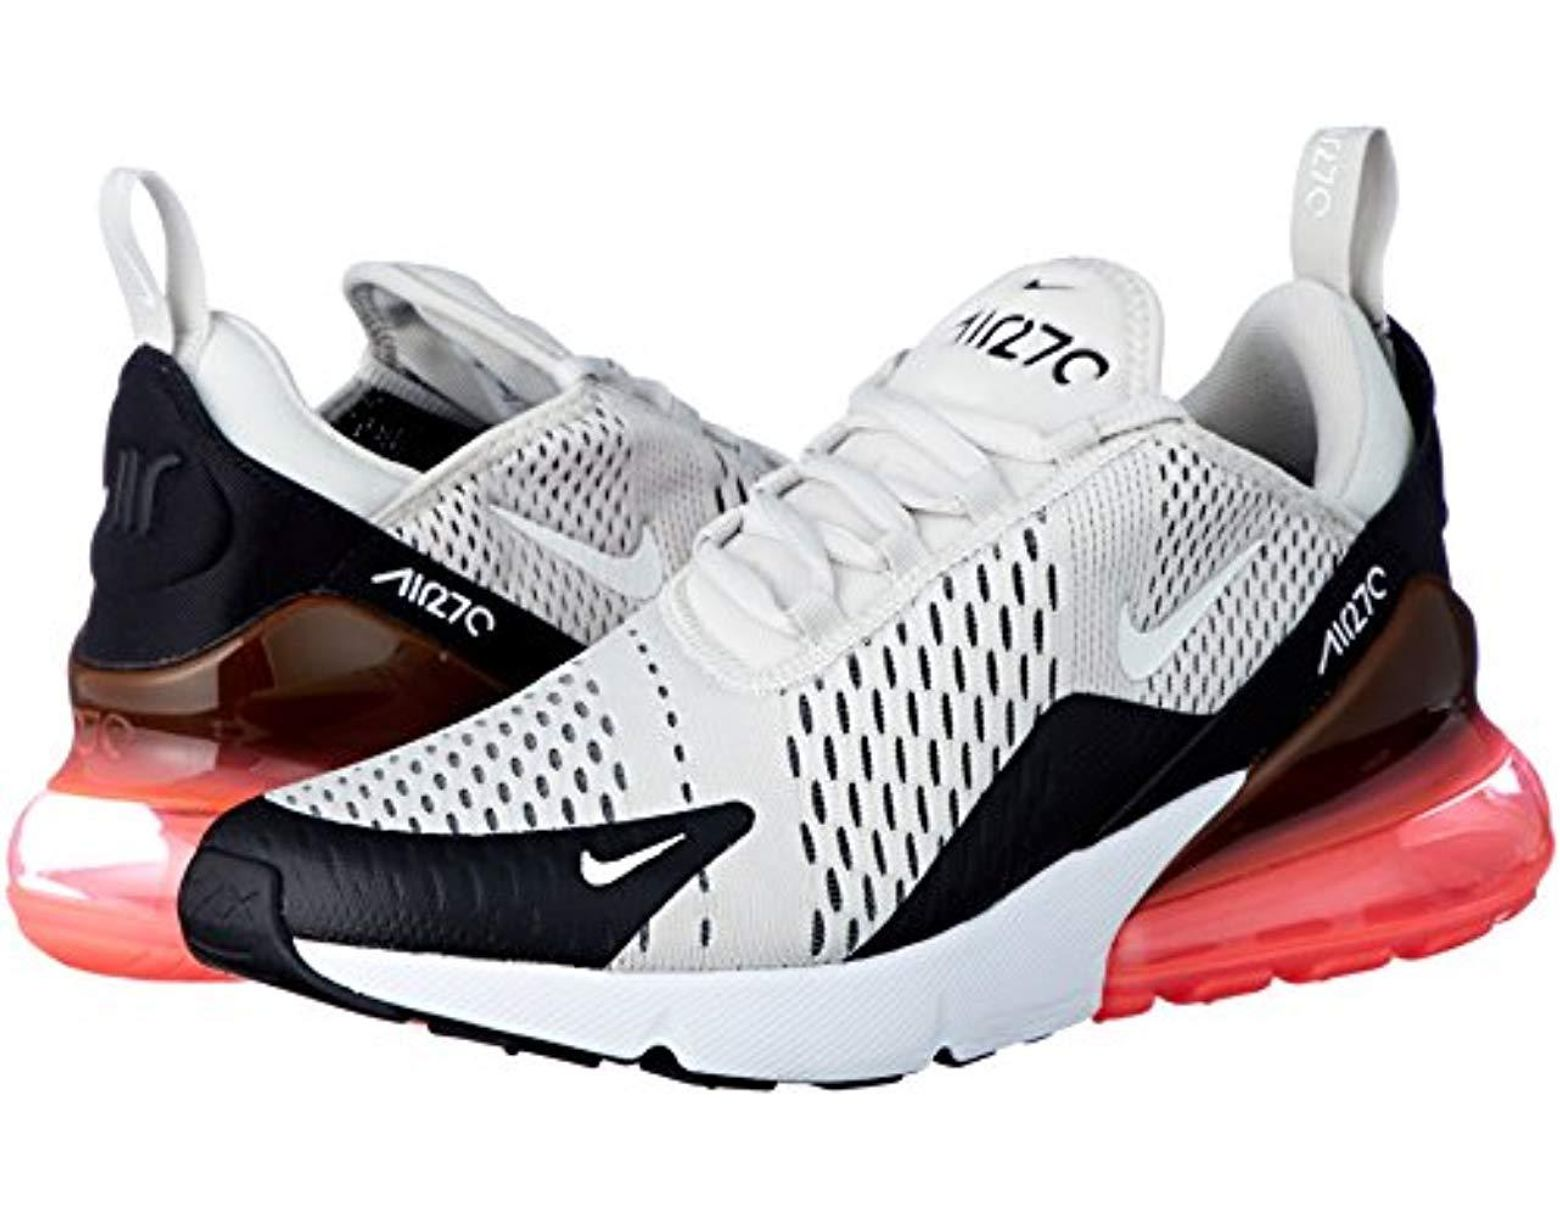 7bd8af49a77e3 Men's Black Air Max 270 Gymnastics Shoes